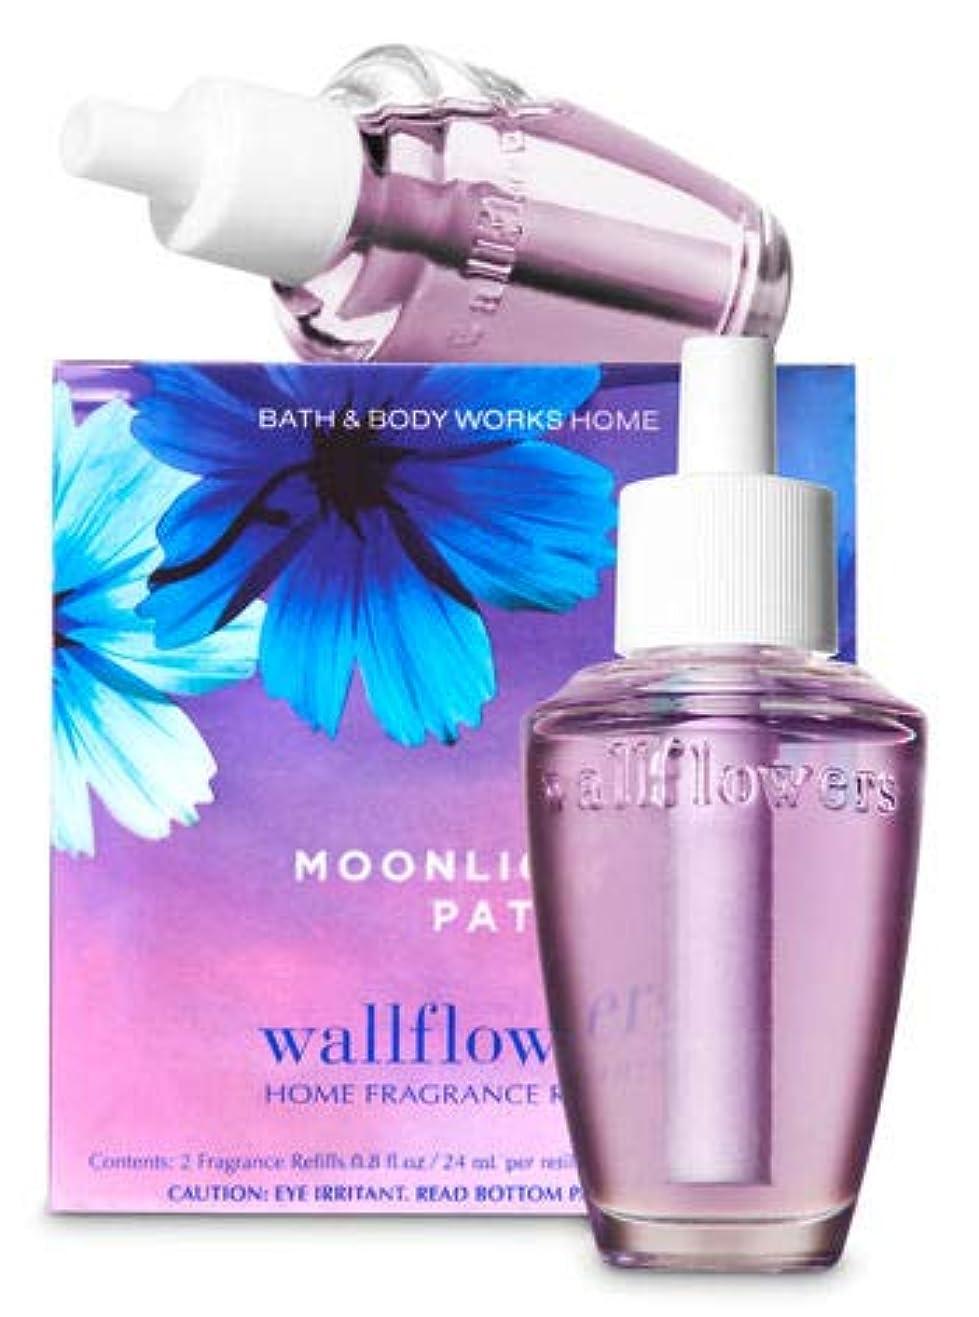 首そばにナチュラル【Bath&Body Works/バス&ボディワークス】 ルームフレグランス 詰替えリフィル(2個入り) ムーンライトパス Wallflowers Home Fragrance 2-Pack Refills Moonlight Path [並行輸入品]